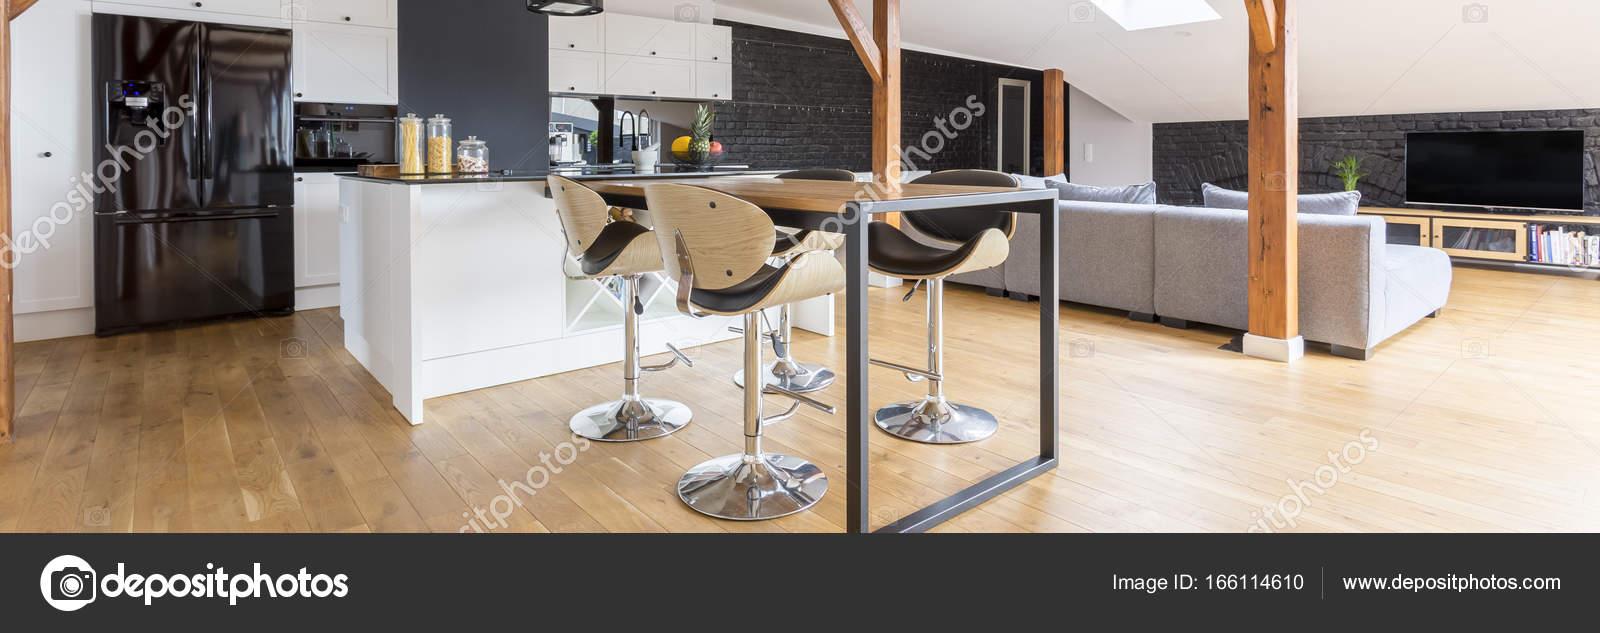 Schwarz / weiß Hängeboden — Stockfoto © photographee.eu #166114610